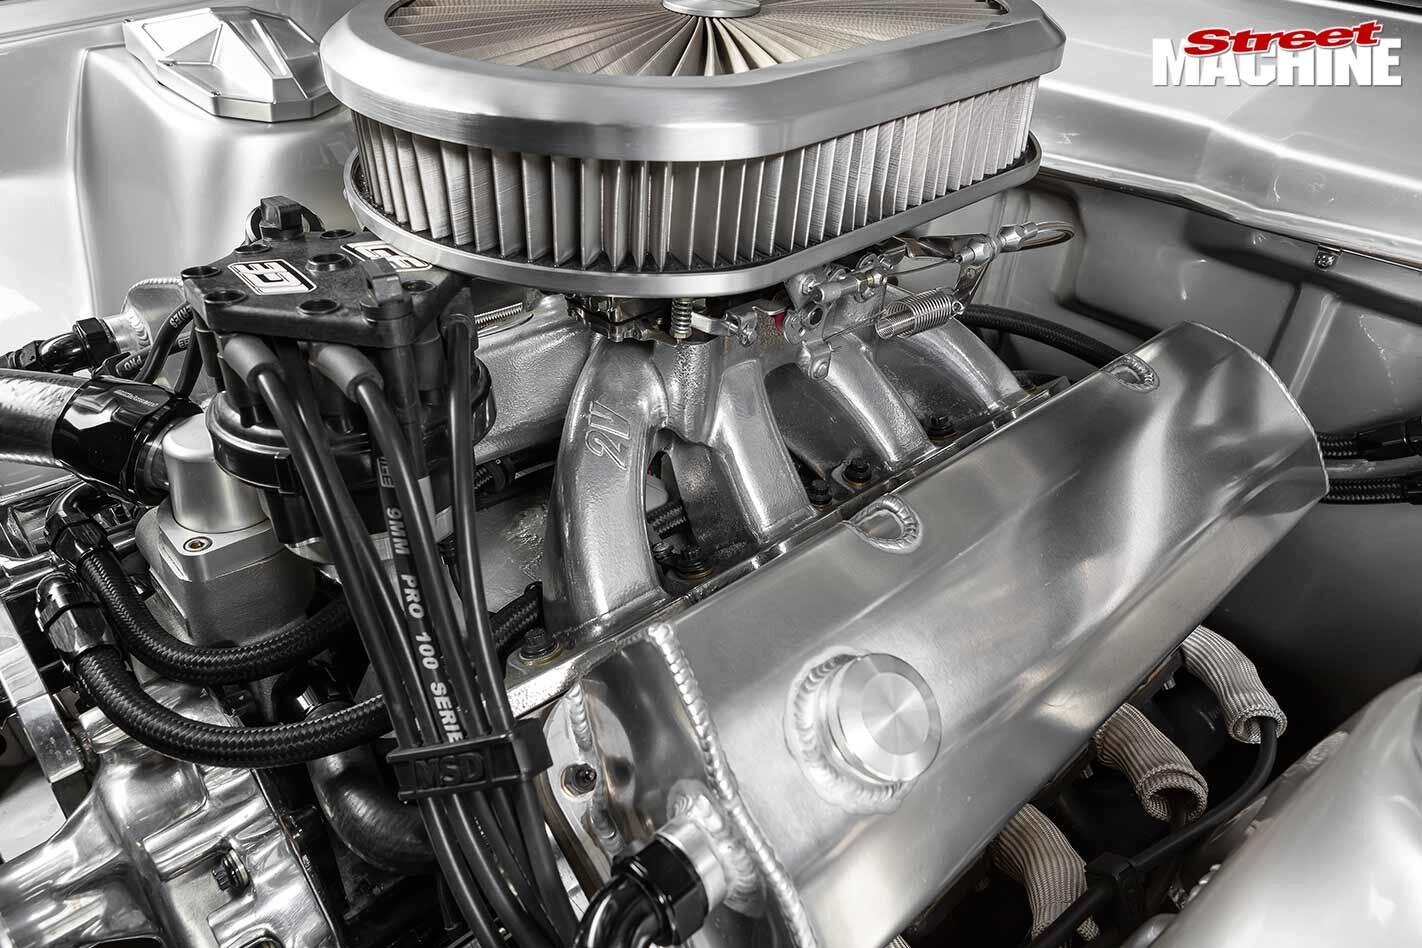 Ford Falcon XB engine bay